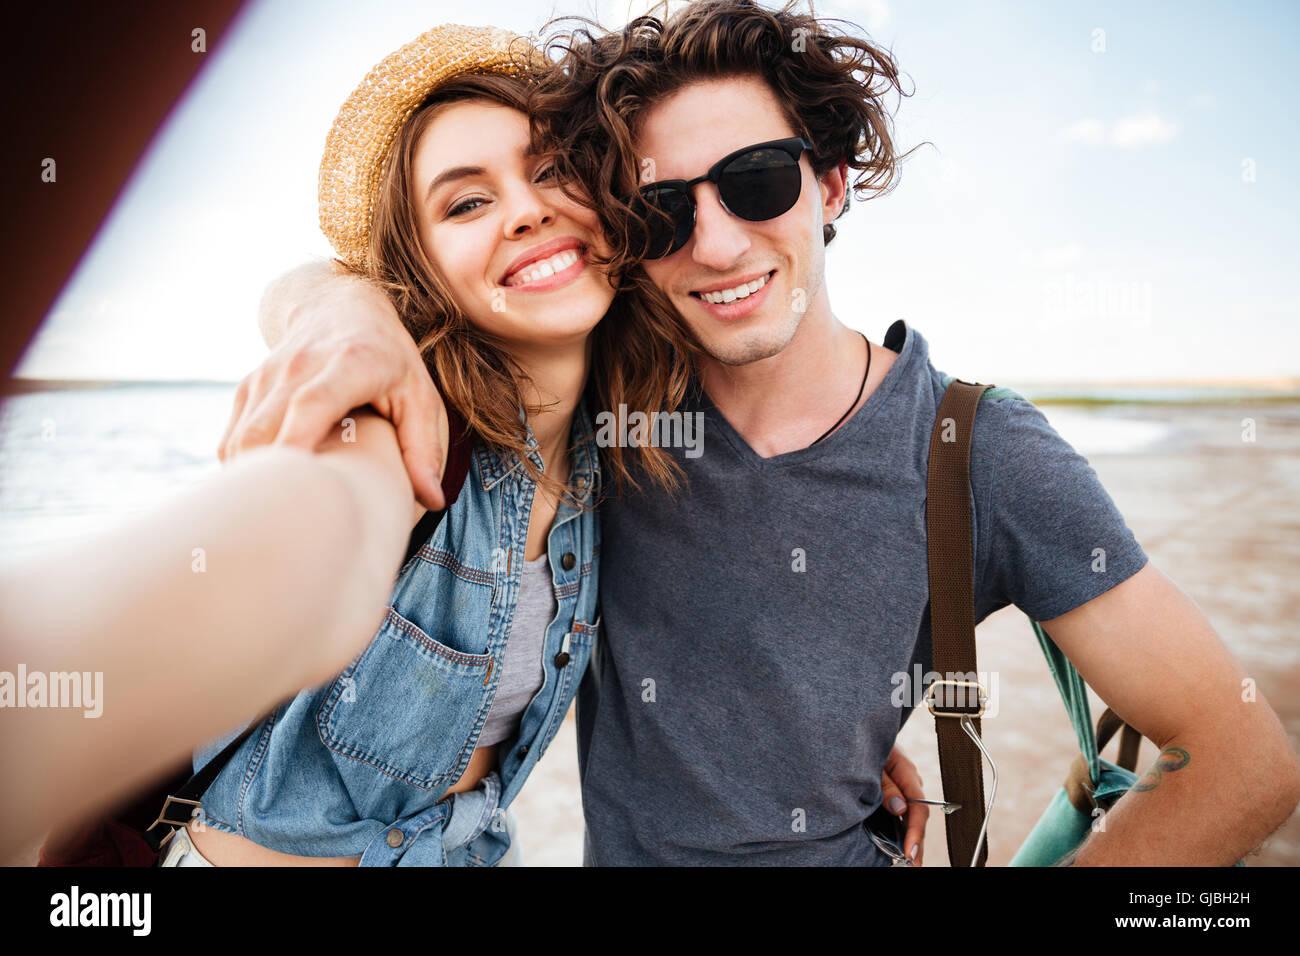 Hermosa sonriente joven pareja abrazarse y teniendo selfie en la playa Foto de stock